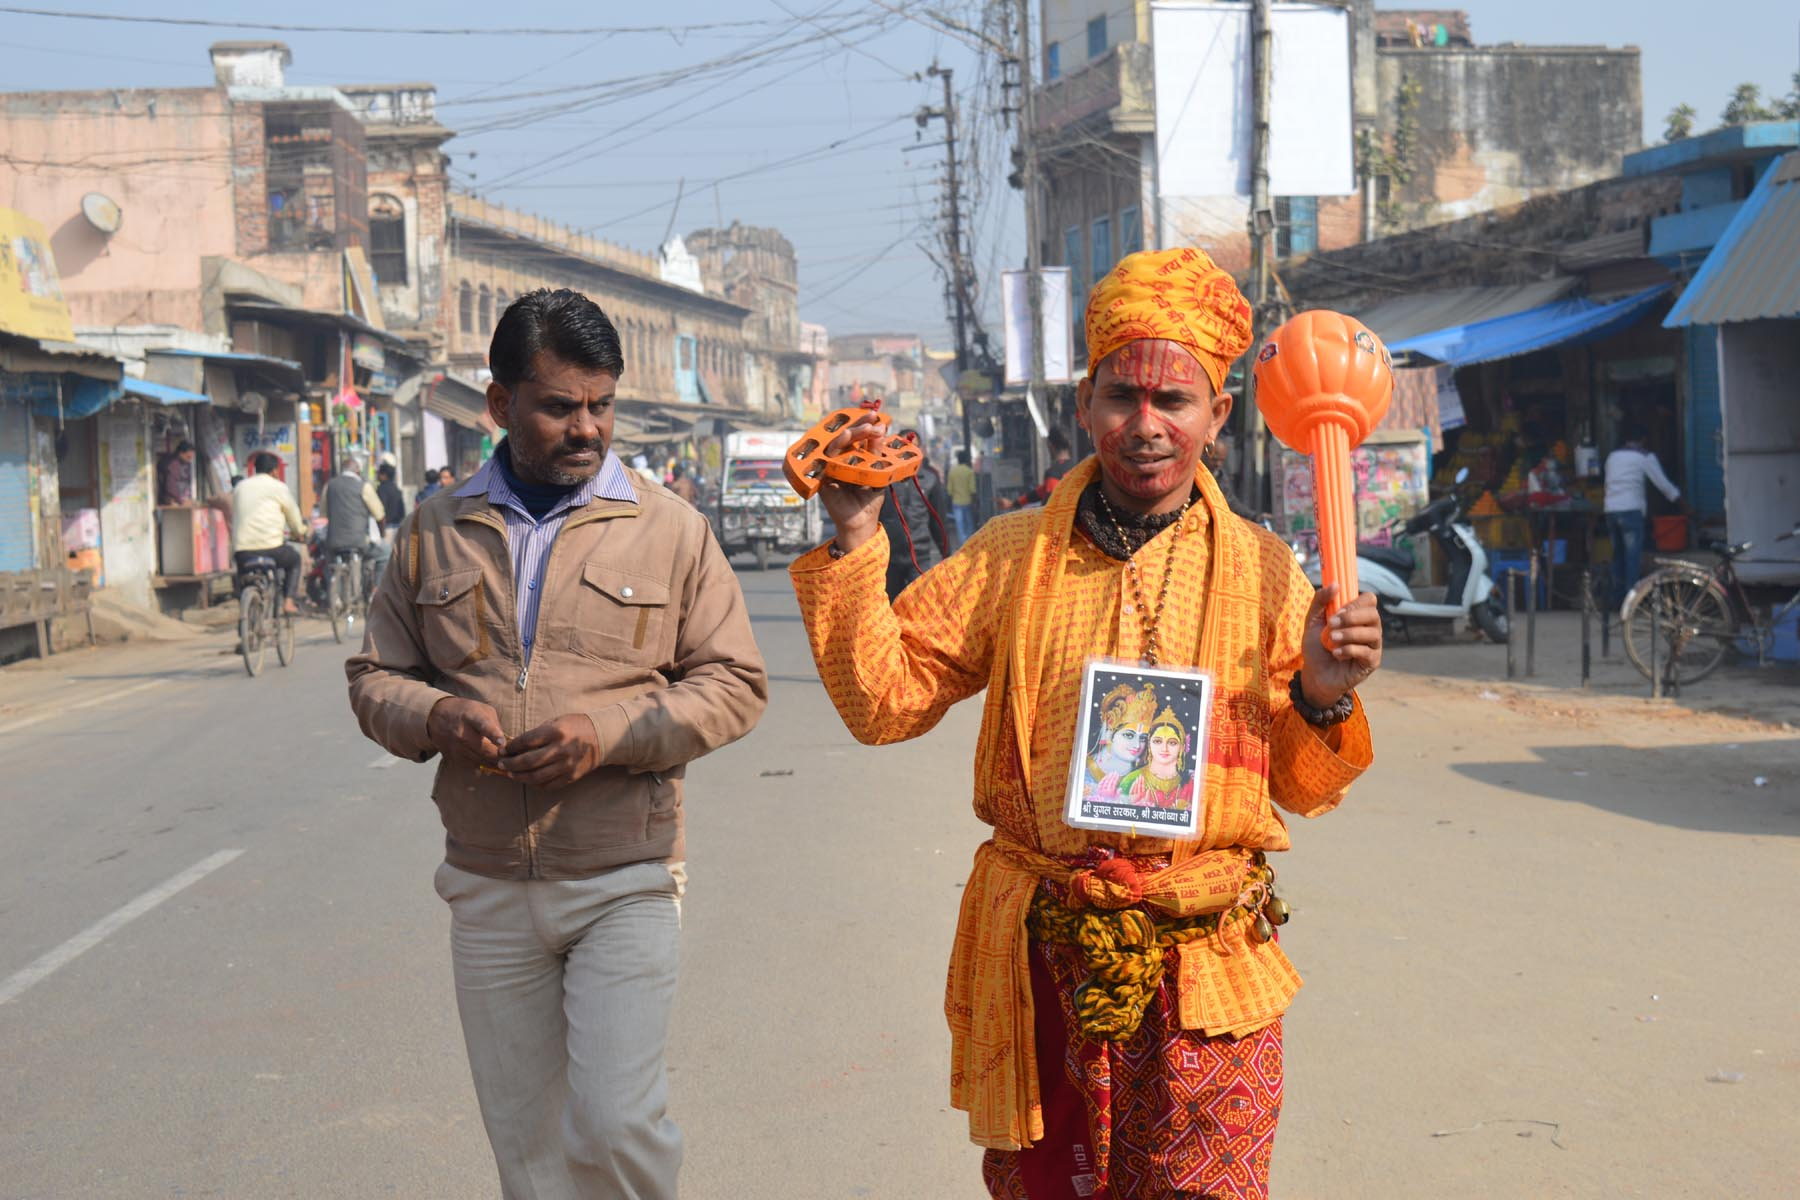 अयोध्या में हनुमान जी का वेष रखकर लोगों के आकर्षण का केंद्र बना रामभक्त